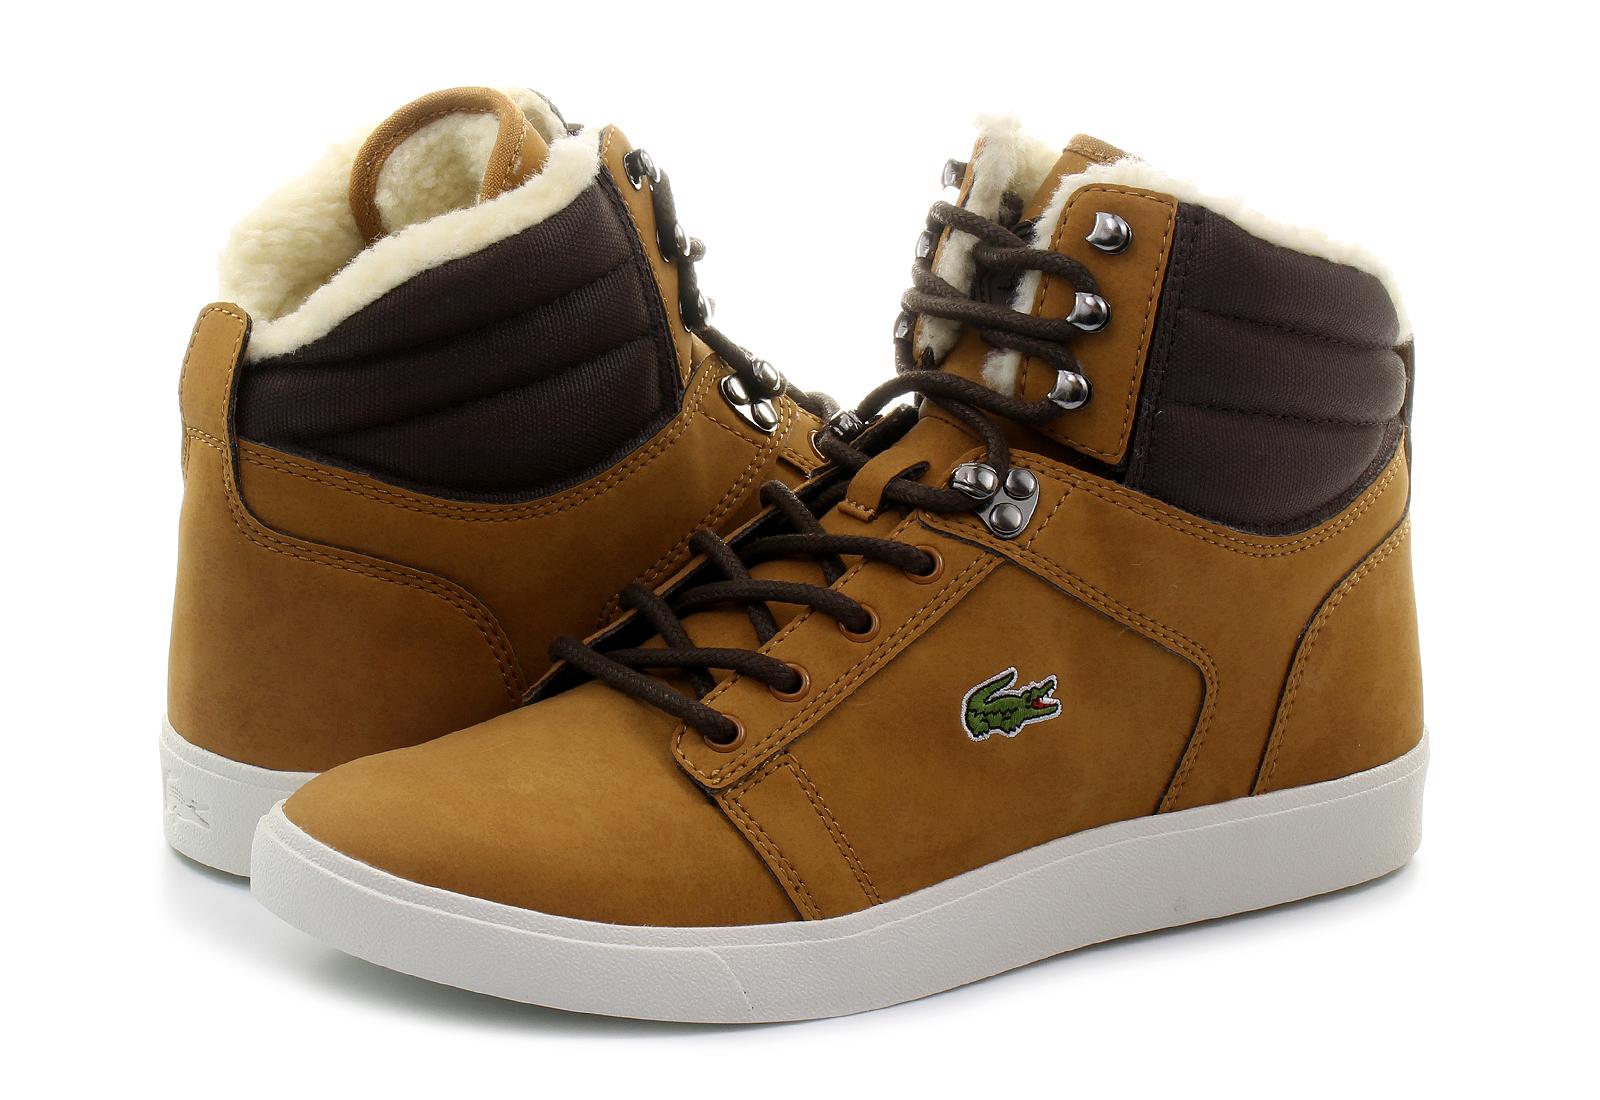 Lacoste Cipő - Orelle - 173SPM0032-8R3 - Office Shoes Magyarország b25d71c4b1